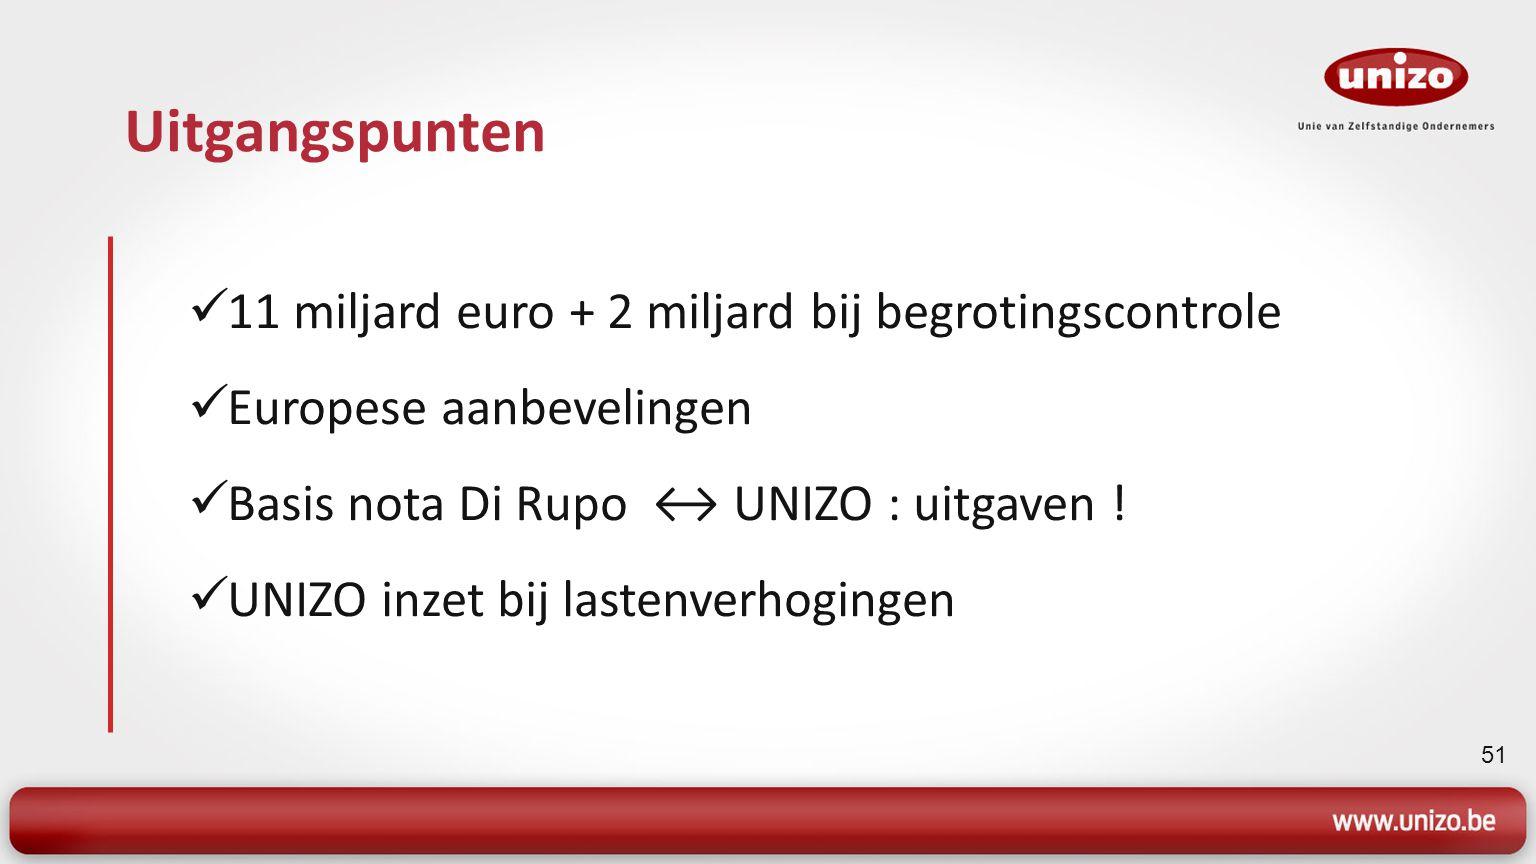 52 De begroting 2012 - Belastingen - Burgers1,4 mrd - Onderneming en 2,1 mrd - Besparingen - Primaire1,3 mrd - Soc.zekerheid2,4 mrd - Structureel0,4 mrd - 'Usurperend'0,3 mrd - Diverse - 2,6 mrd - Correcties - 0,8 mrd Totaal - 11,3 mrd